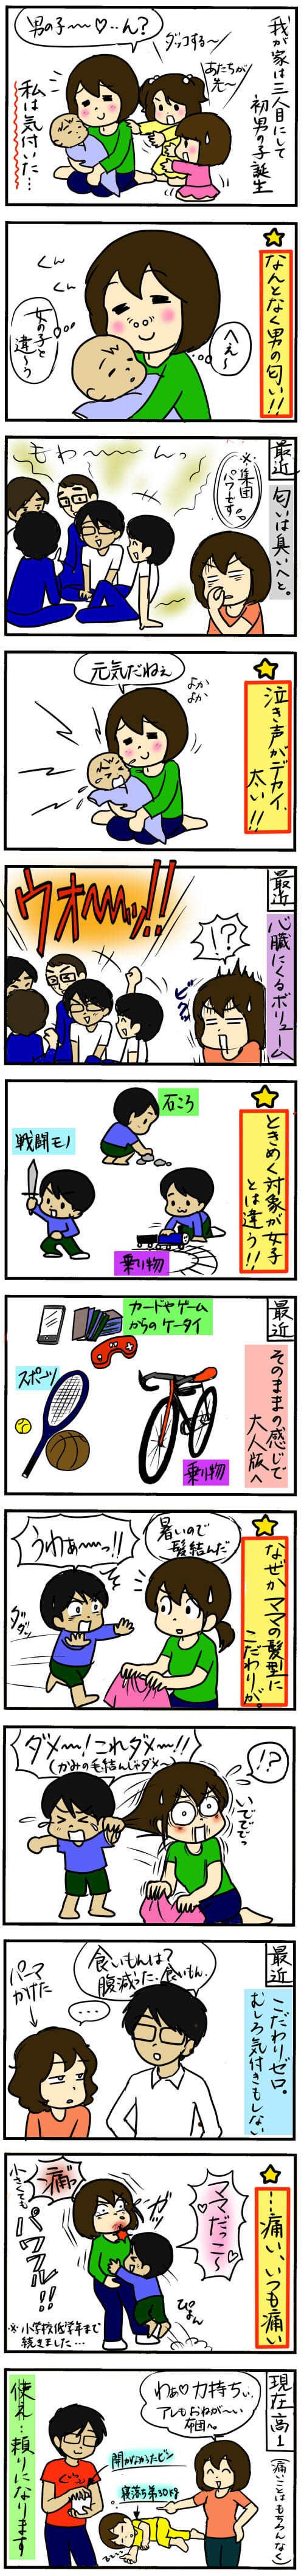 「小さくてもパワフル!(痛い…)」小さい頃と今16歳男子の特徴あるある比較!の画像1